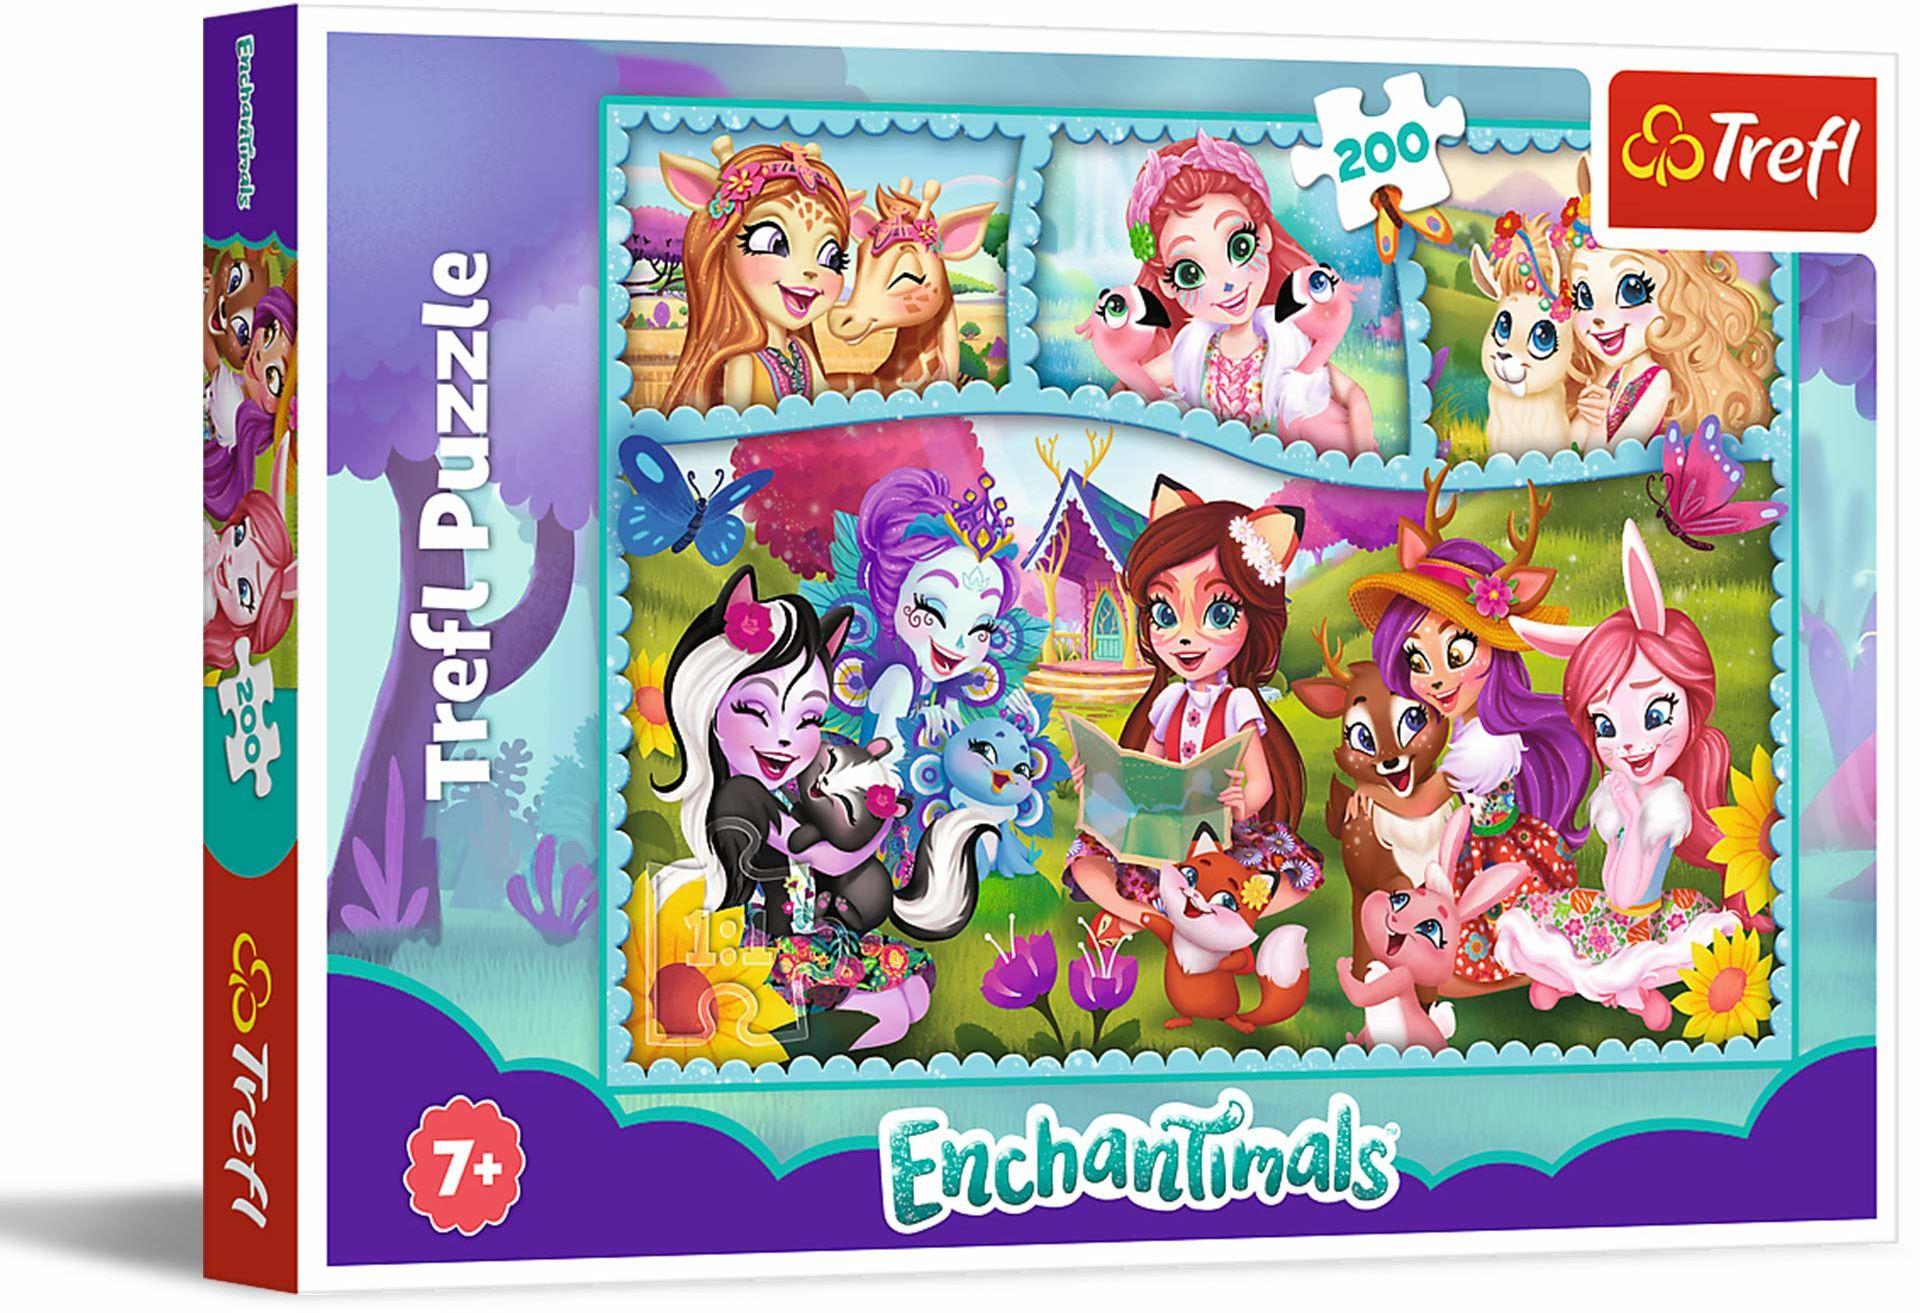 Trefl Niezwykły Świat Enchantimals Puzzle 200 Elementów o Wysokiej Jakości Nadruku dla Dzieci od 7 lat